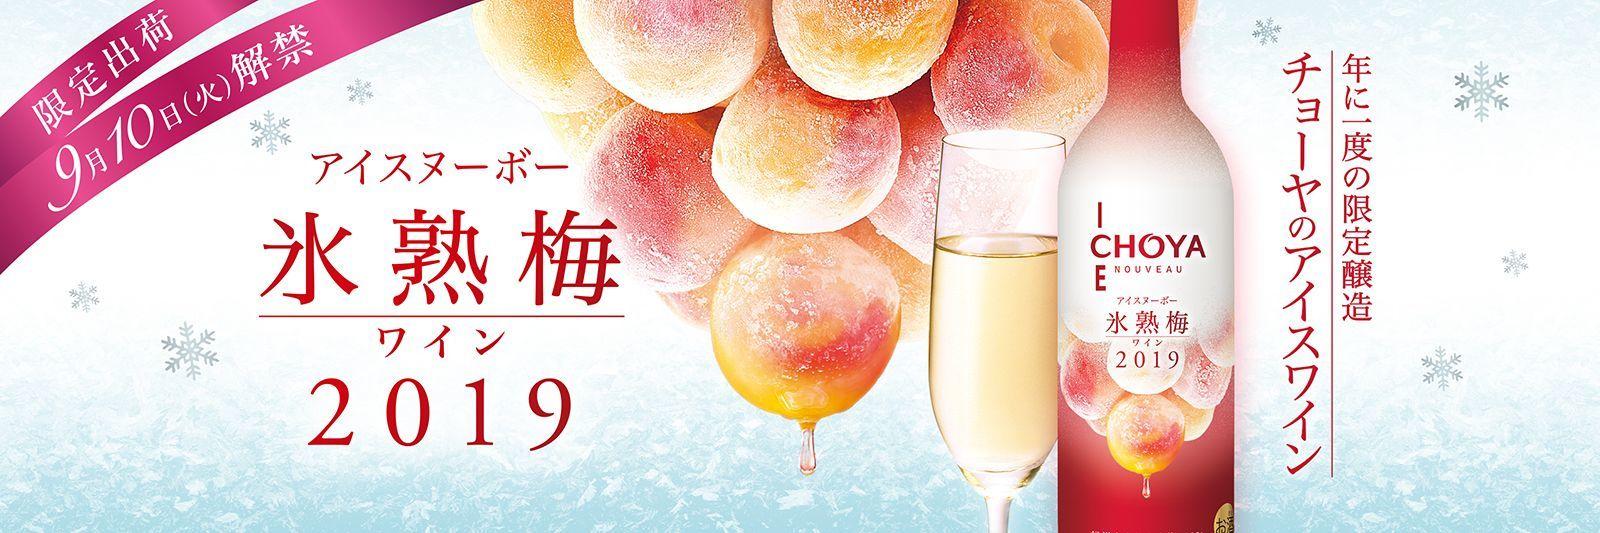 アイスワインヌーボー氷熟梅ワイン2019